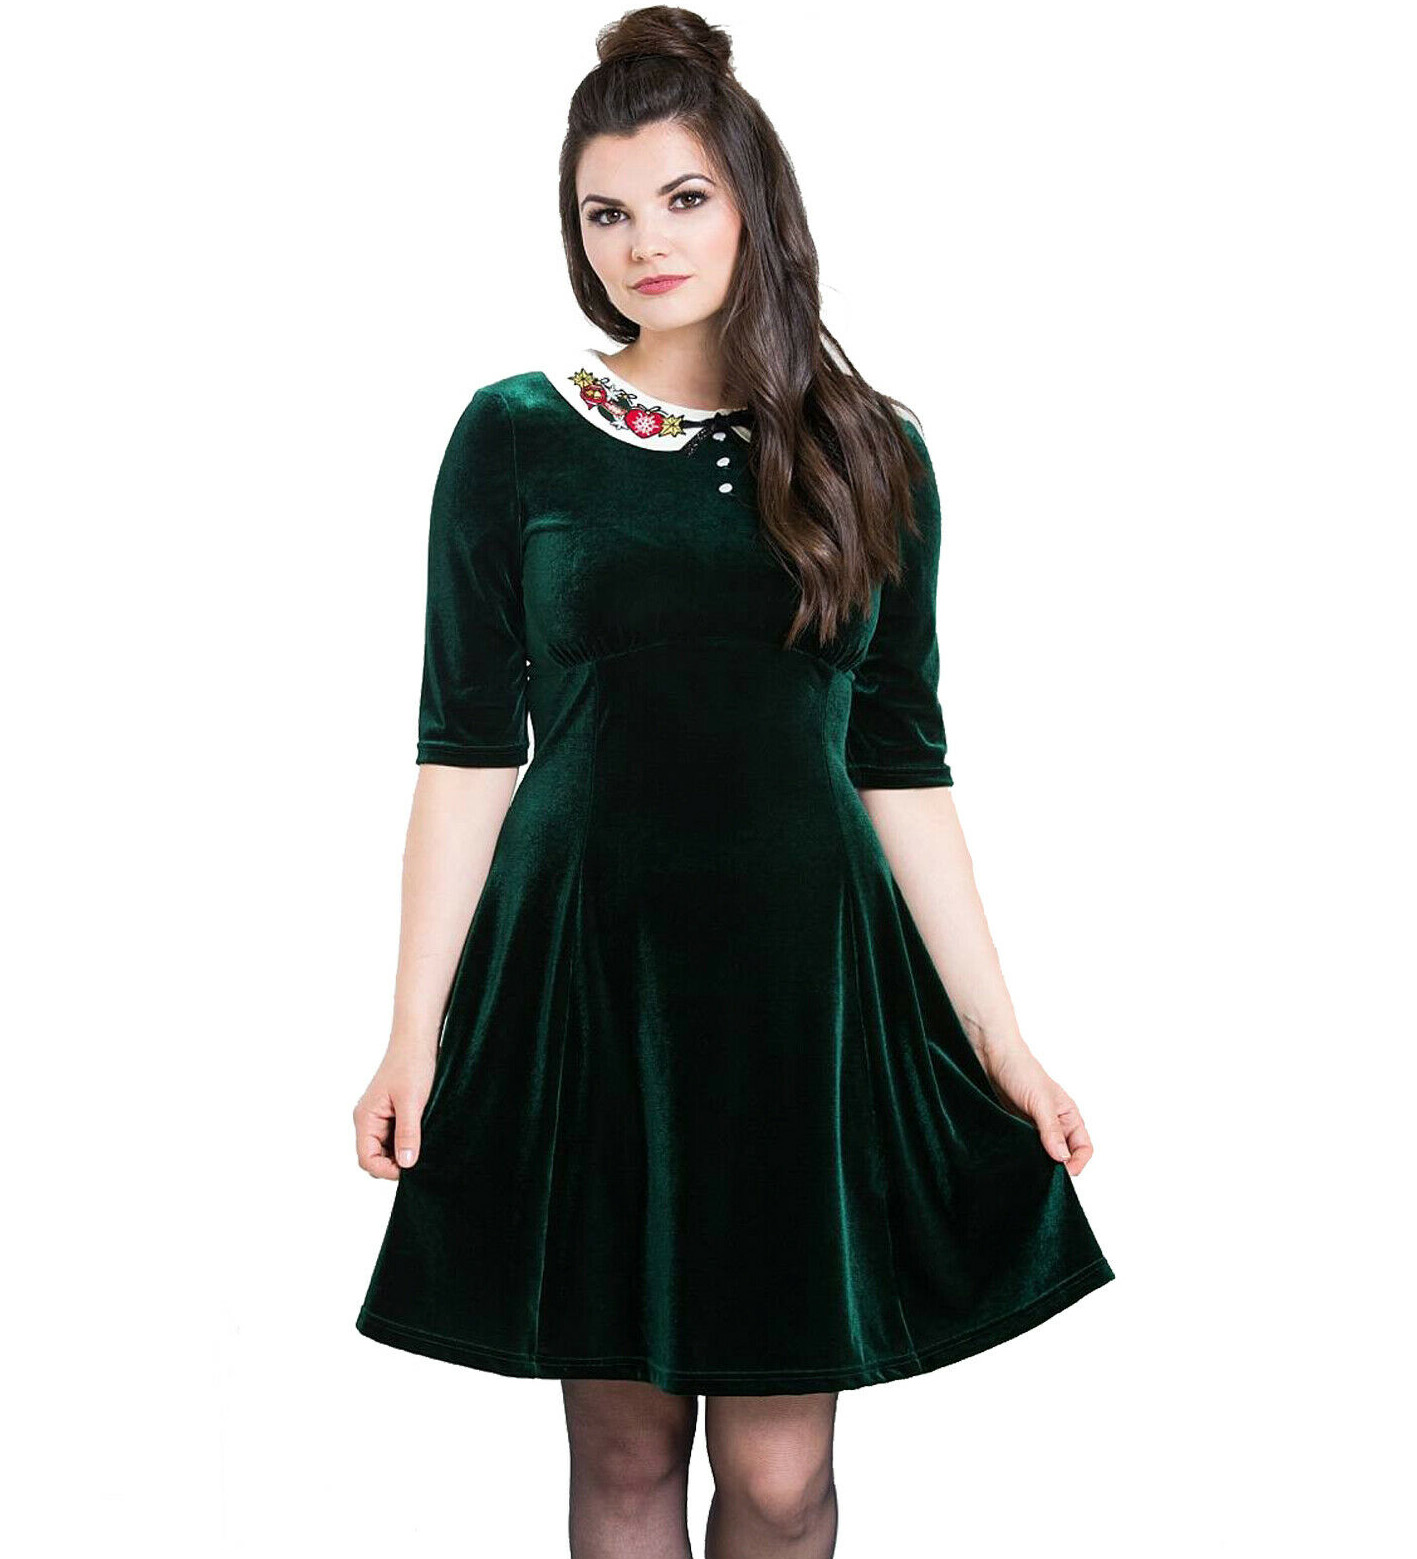 Hell-Bunny-Mini-Skater-Dress-Festive-Christmas-NICOLA-Green-Velvet-All-Sizes thumbnail 27